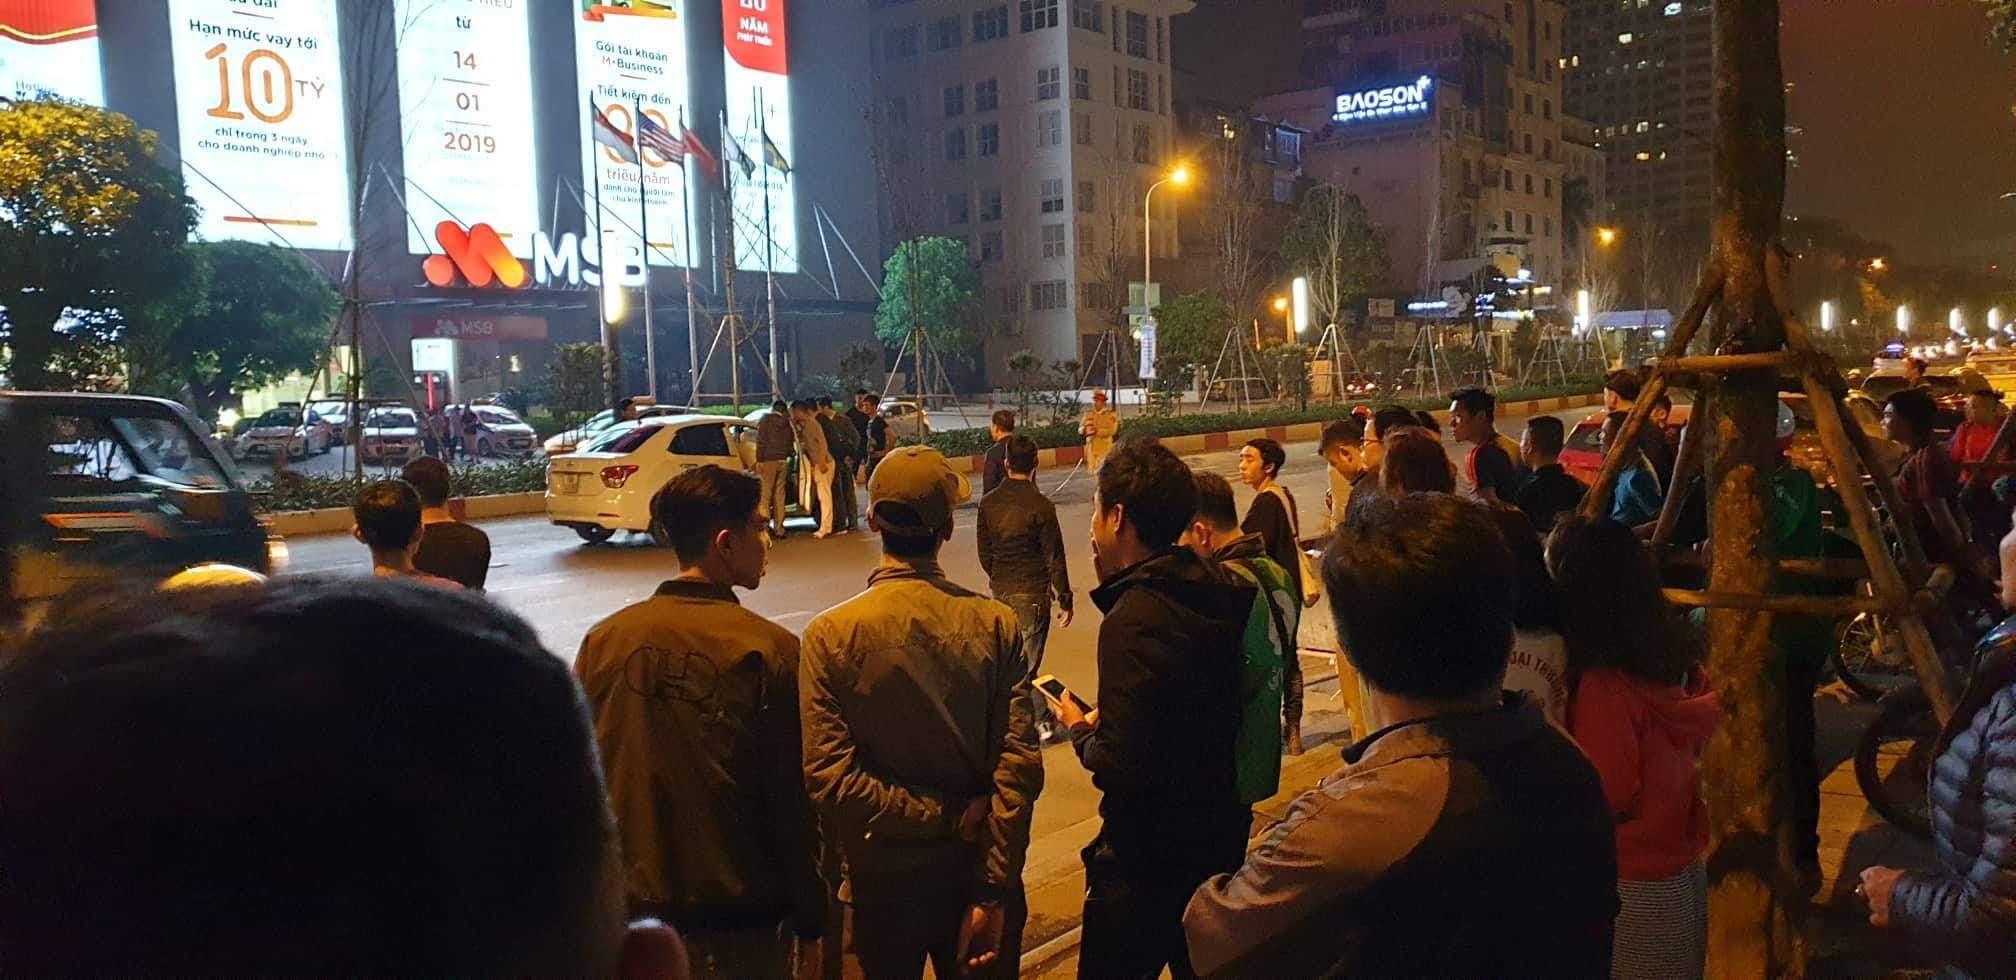 Vụ tài xế đâm gục người đi xe máy sau tai nạn ở Hà Nội: Công an đang lấy lời khai của nghi can - Ảnh 1